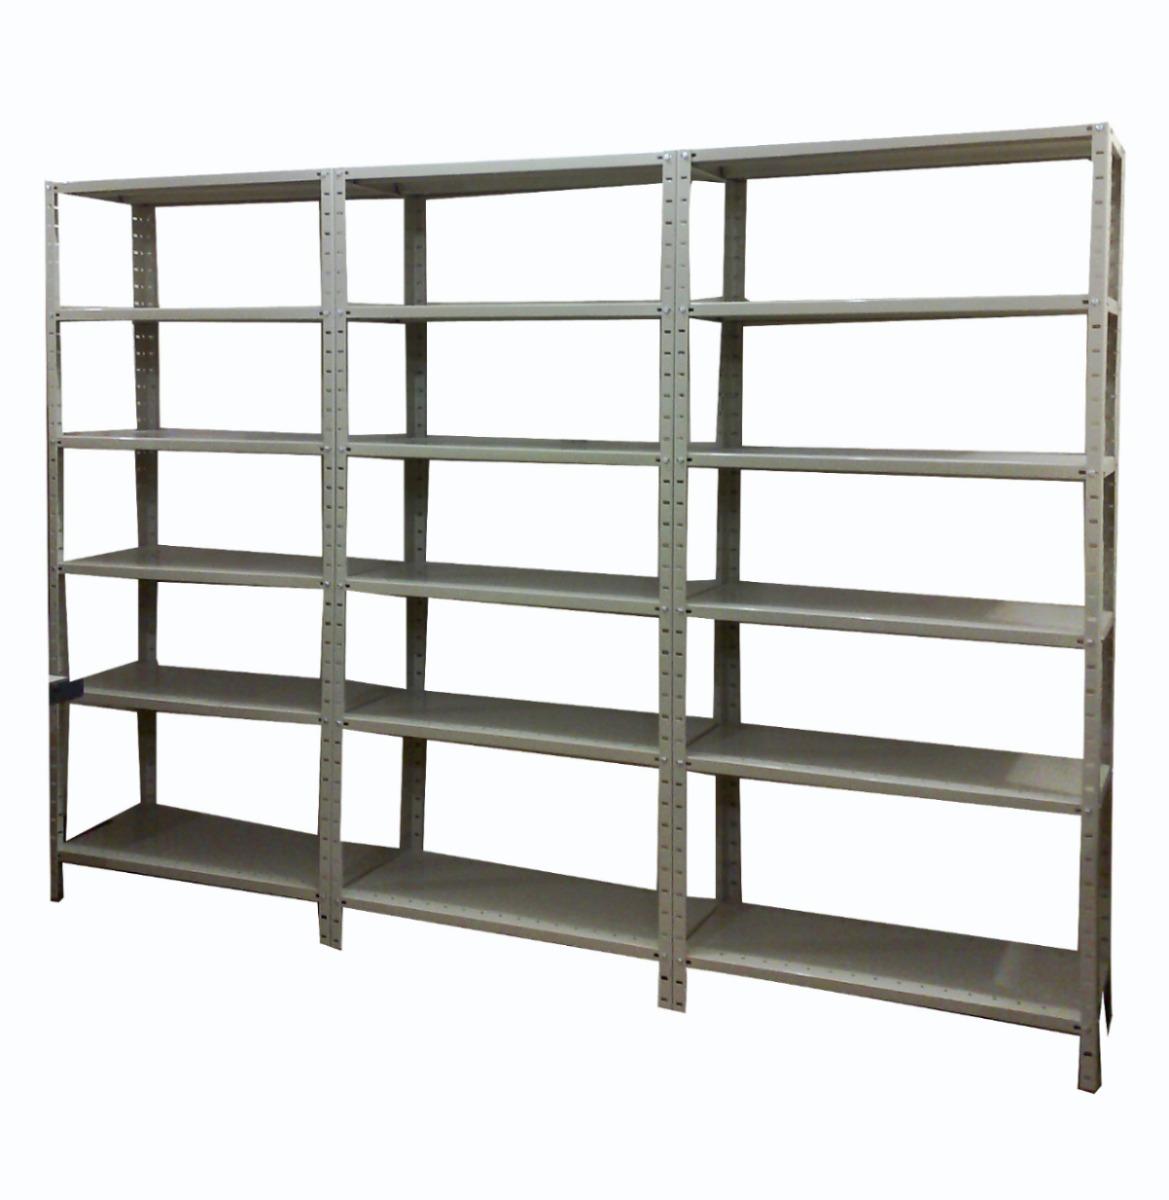 estante de bao para de estante para bao repisas y organizador de toallas vac estante de bao para toallas